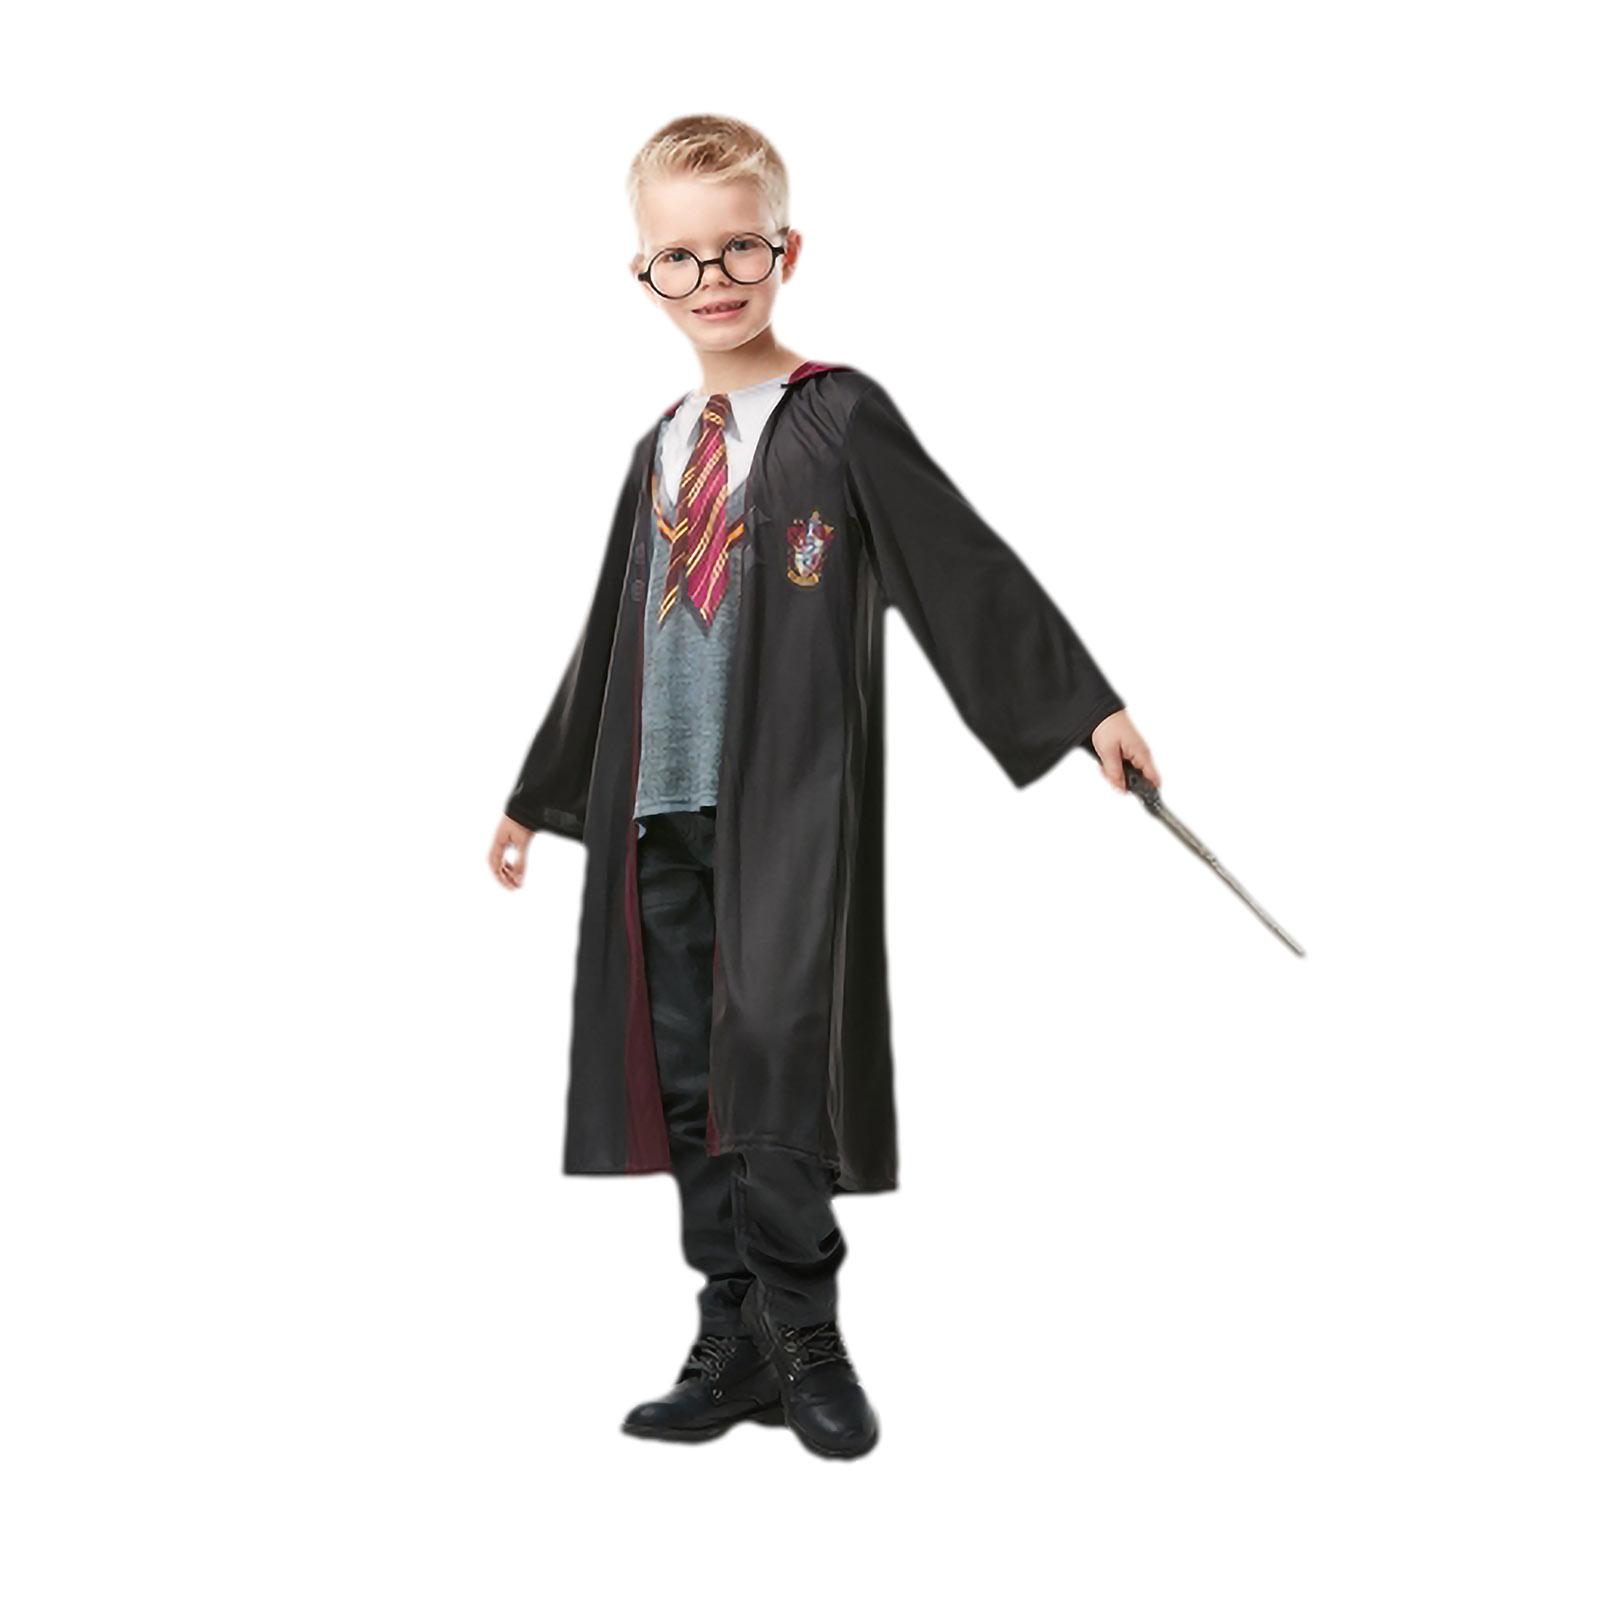 Harry Potter - Kostüm-Set Kinder 3-teilig